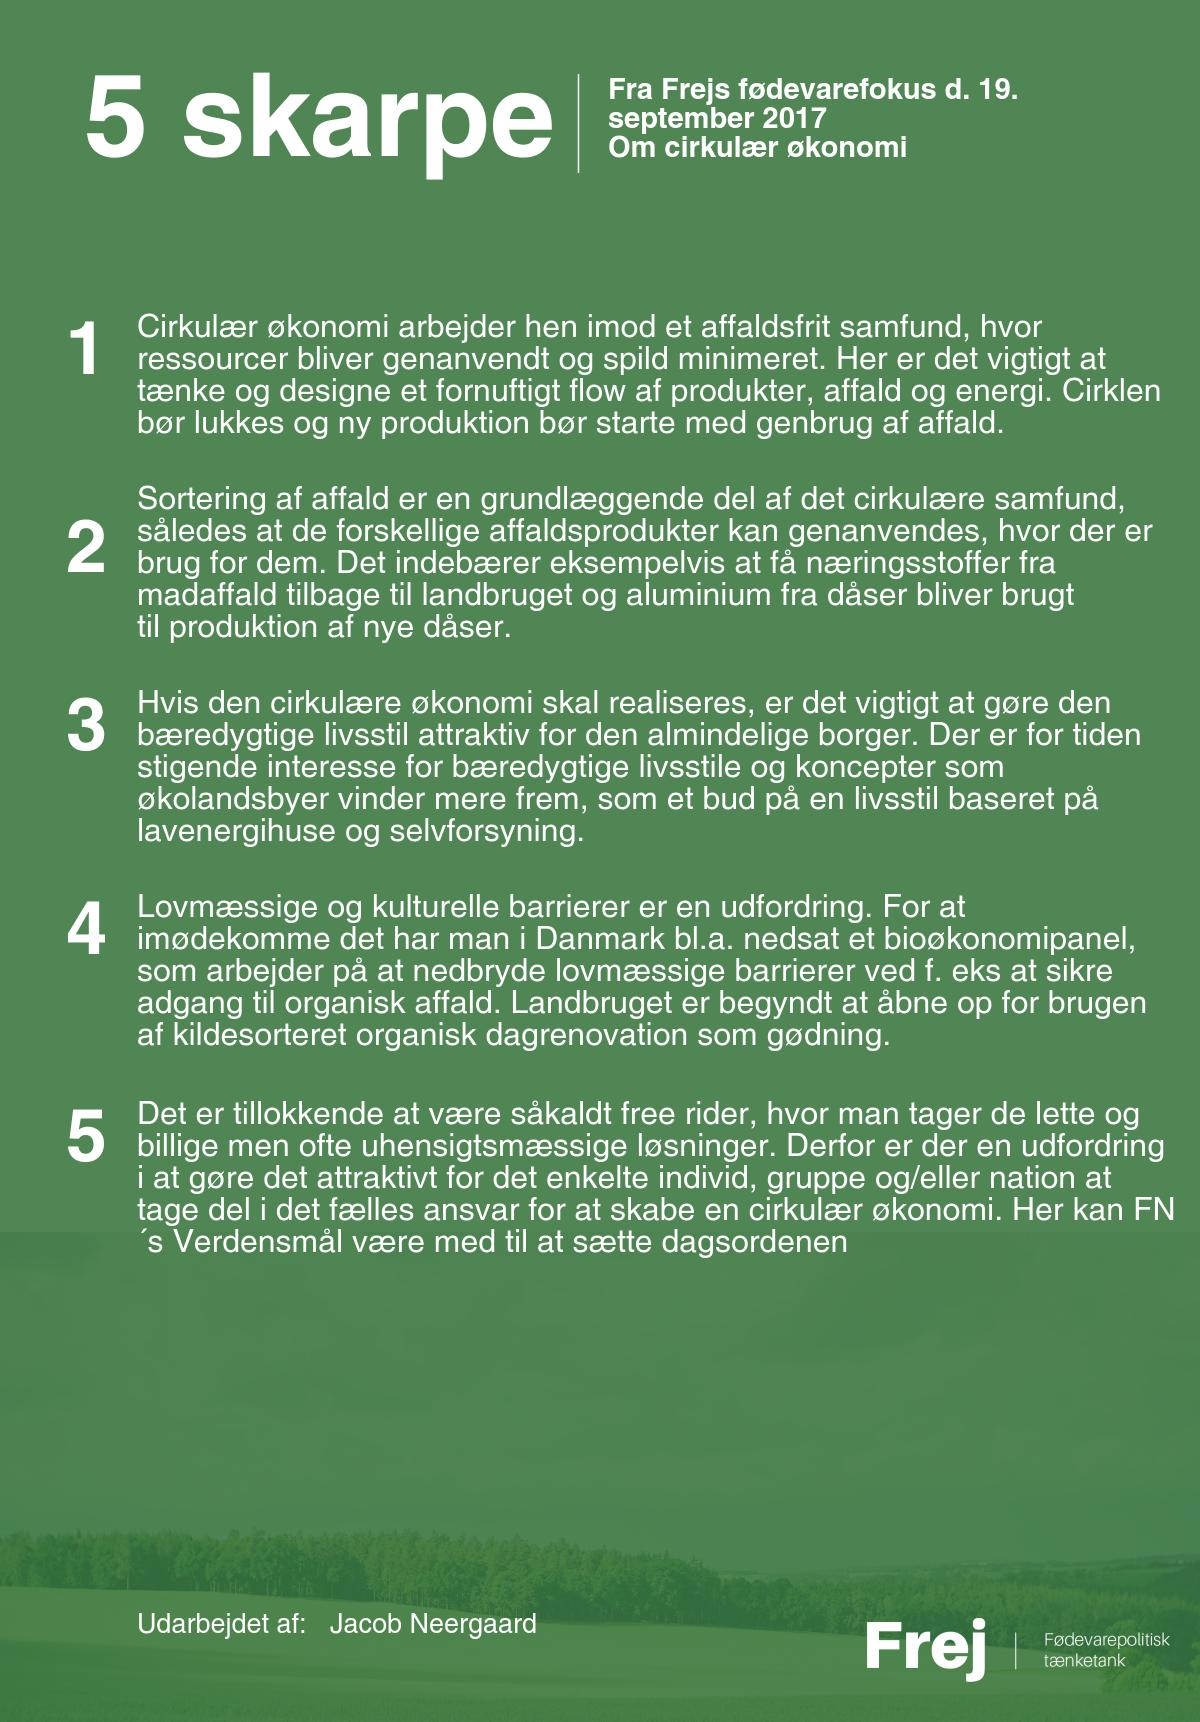 5-skarpe-konfer_cirkulær.png